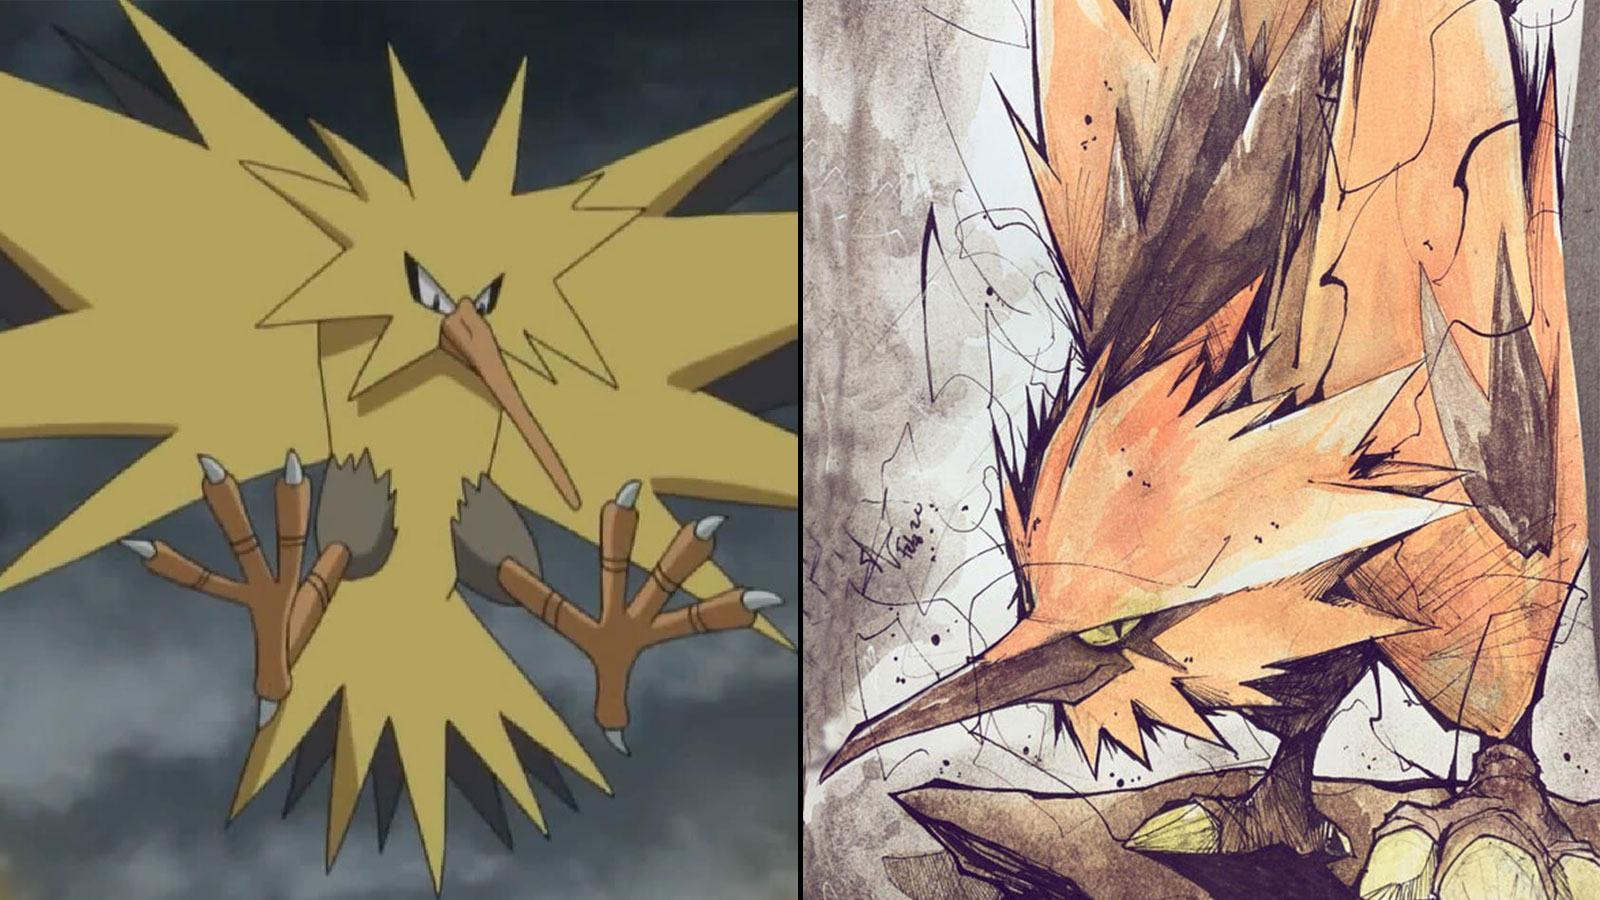 Dessins des 3 oiseaux légendaires Pokémon